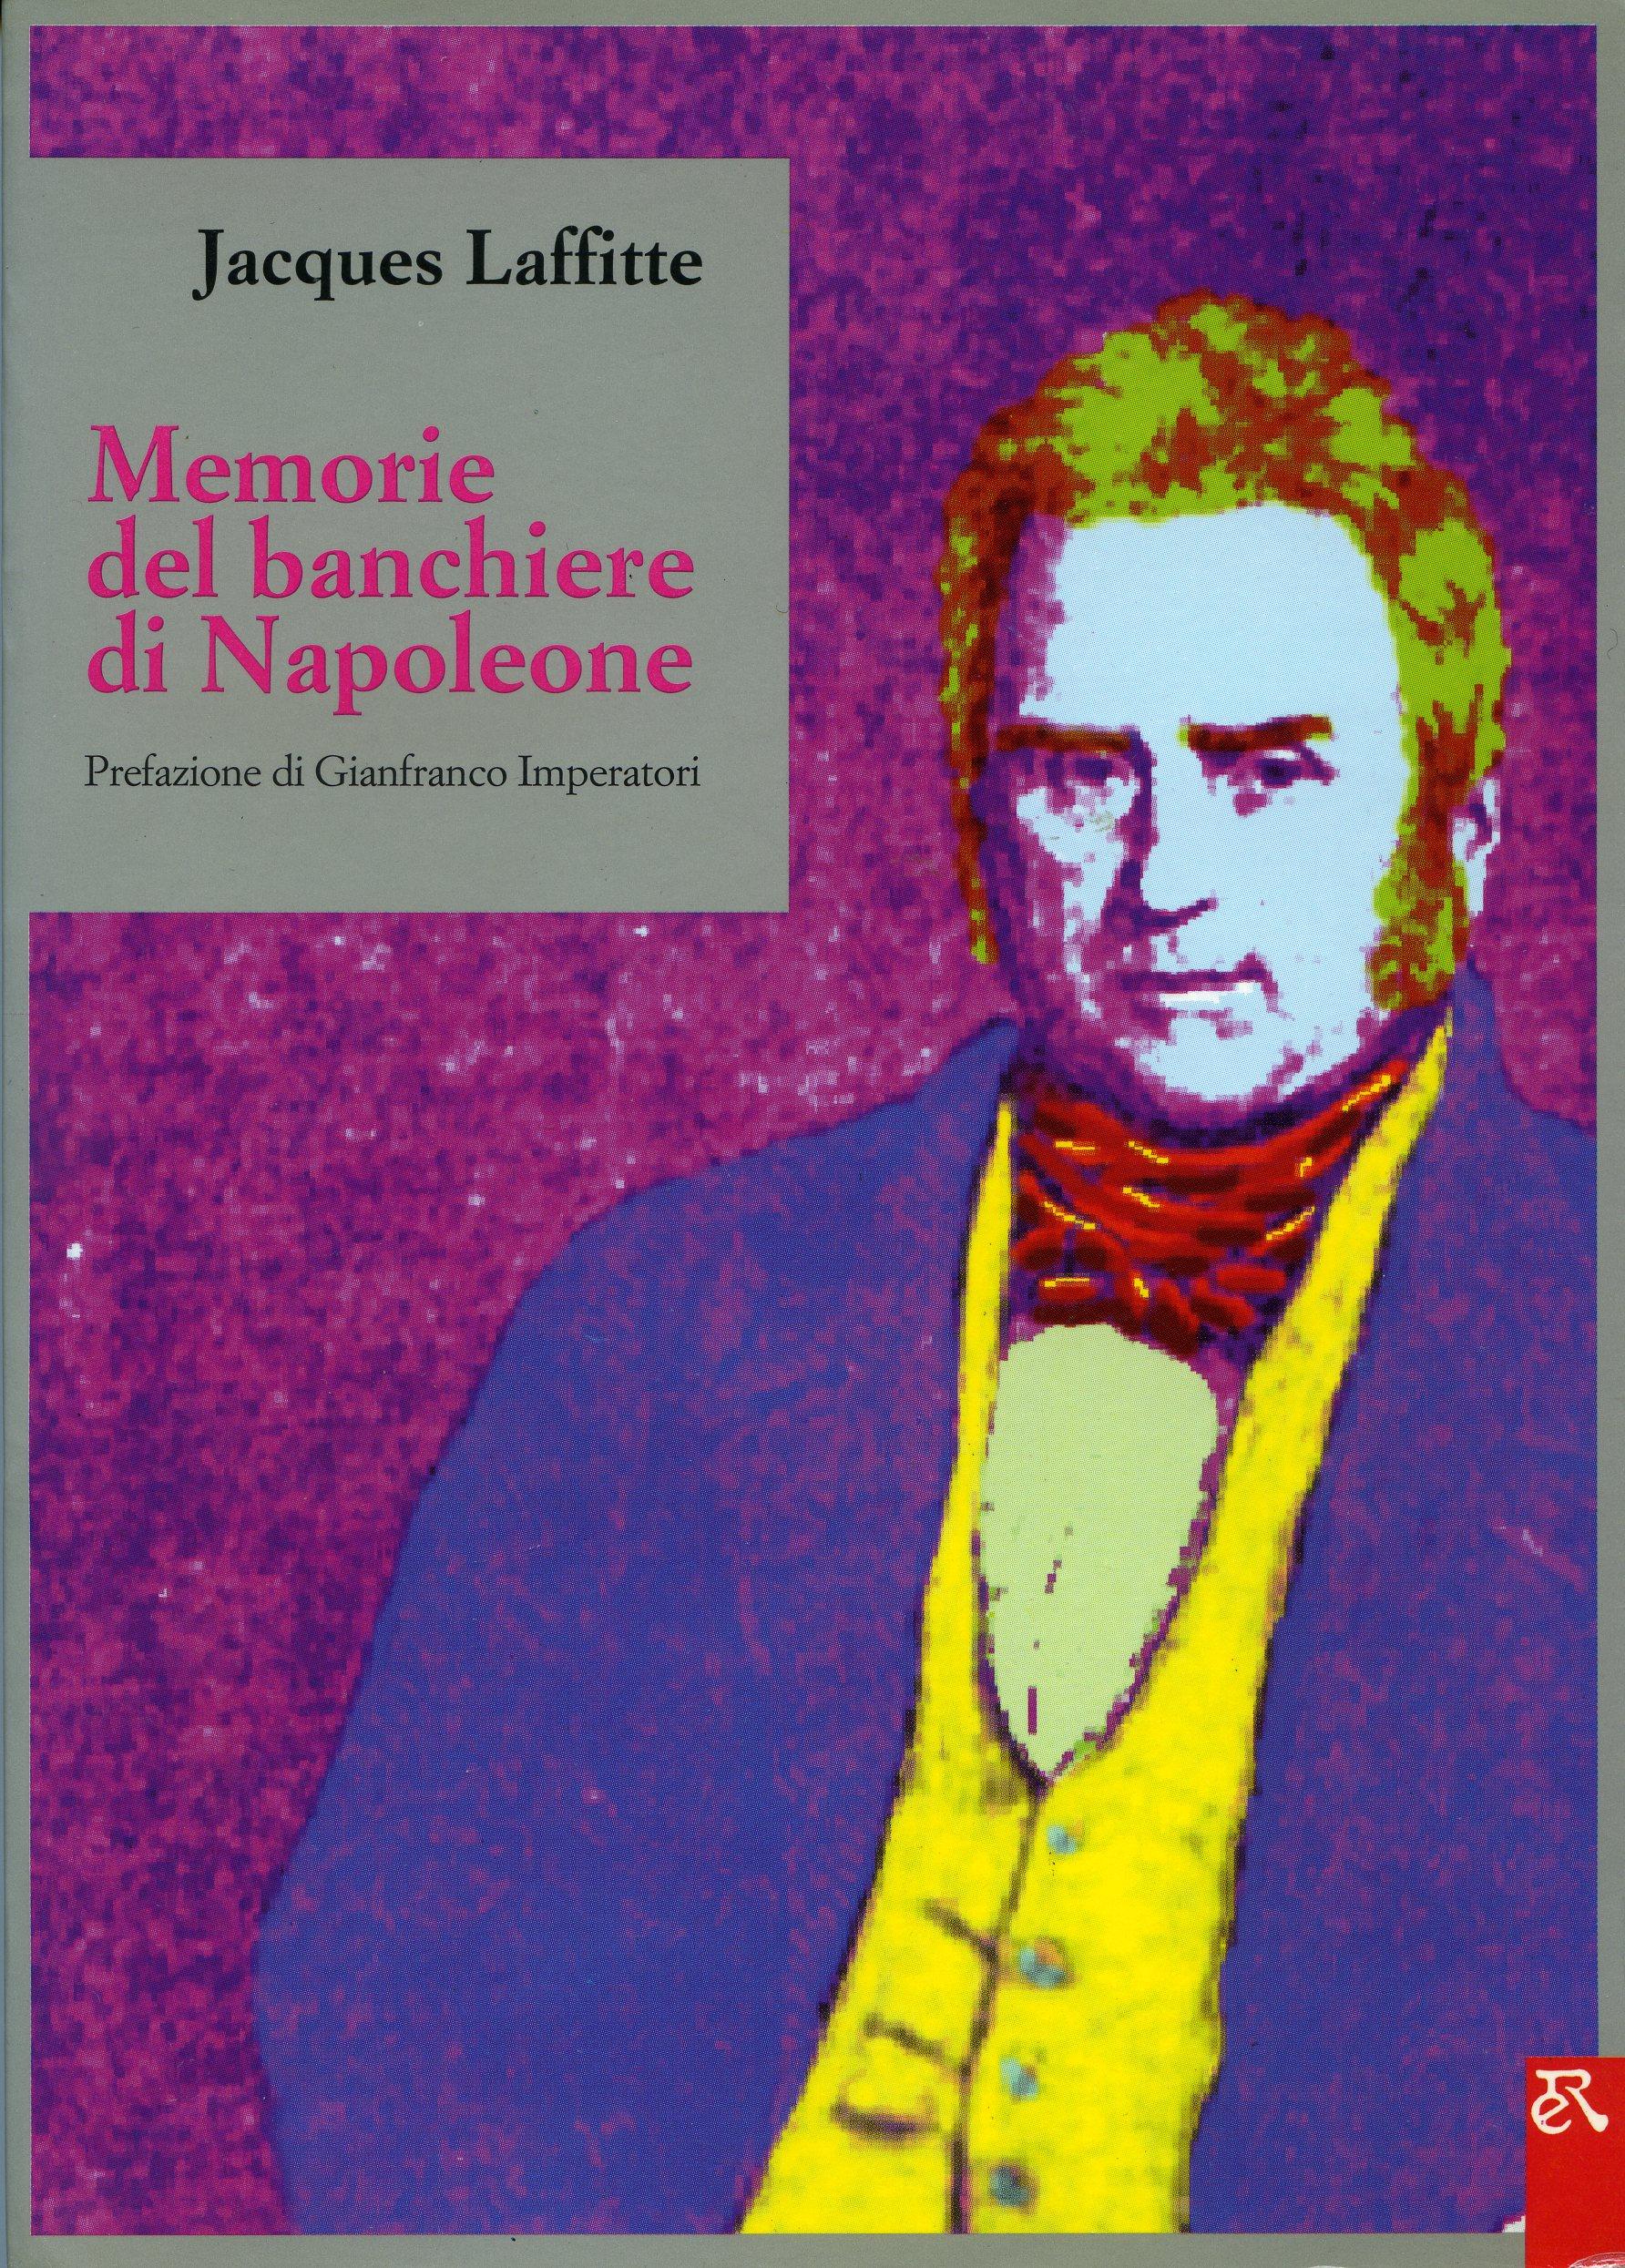 Memorie del banchiere di Napoleone